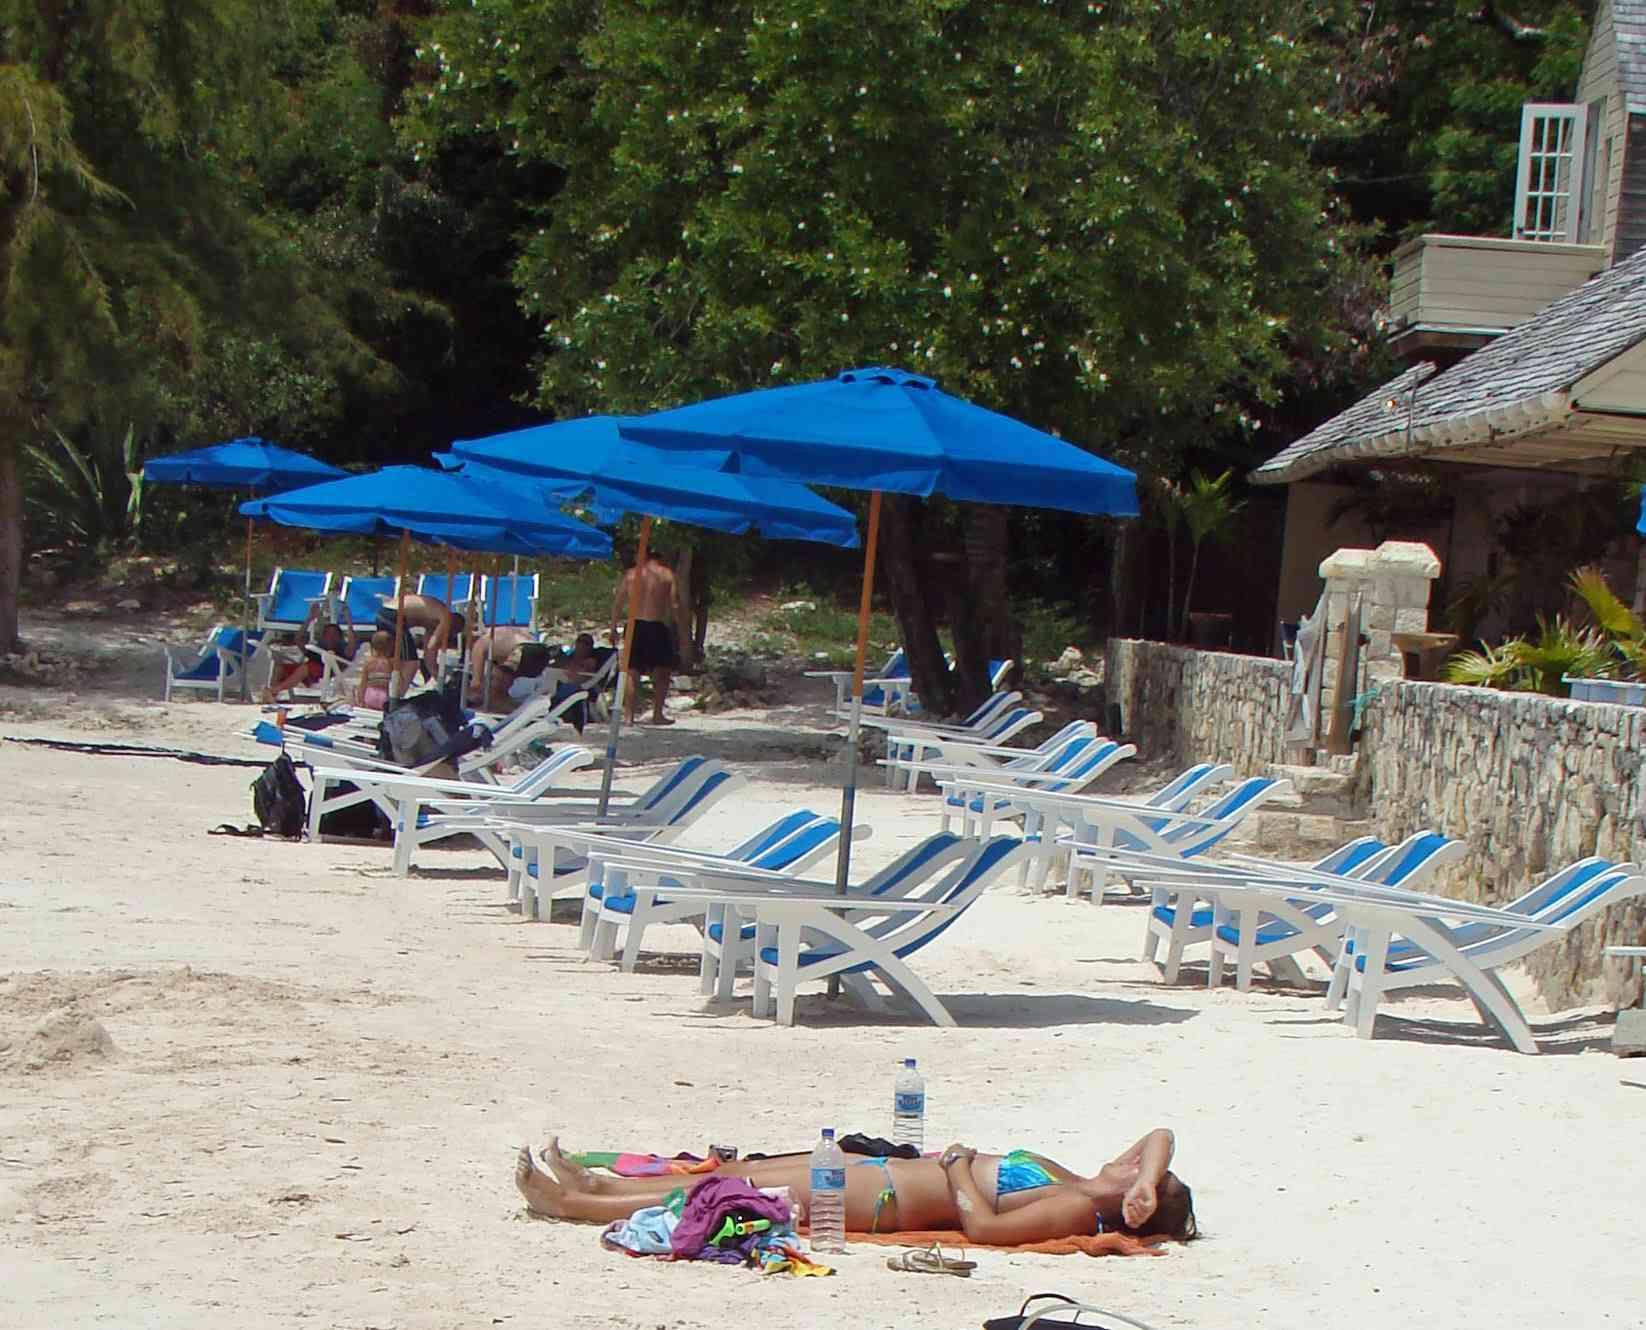 Las playas caribeñas se encuentran entre los lugares de escapada favoritos del mundo